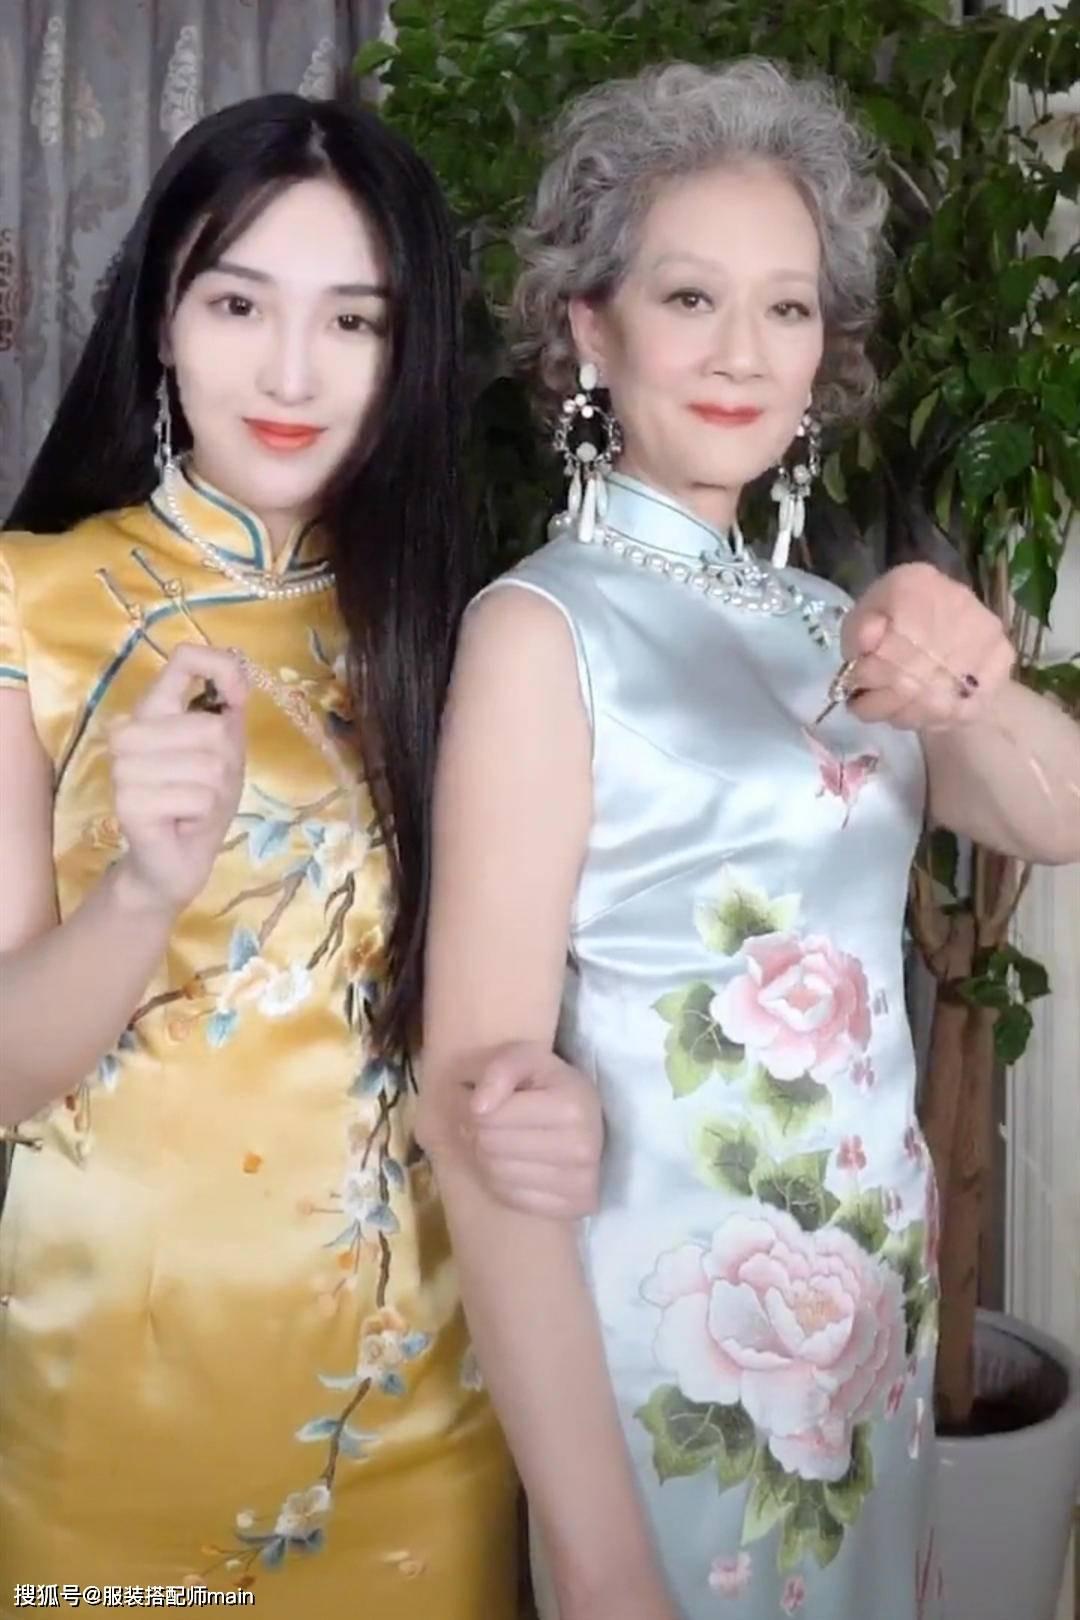 佩服这位72岁奶奶!打扮比孙女还靓丽抢眼,满头白发也难掩她的美